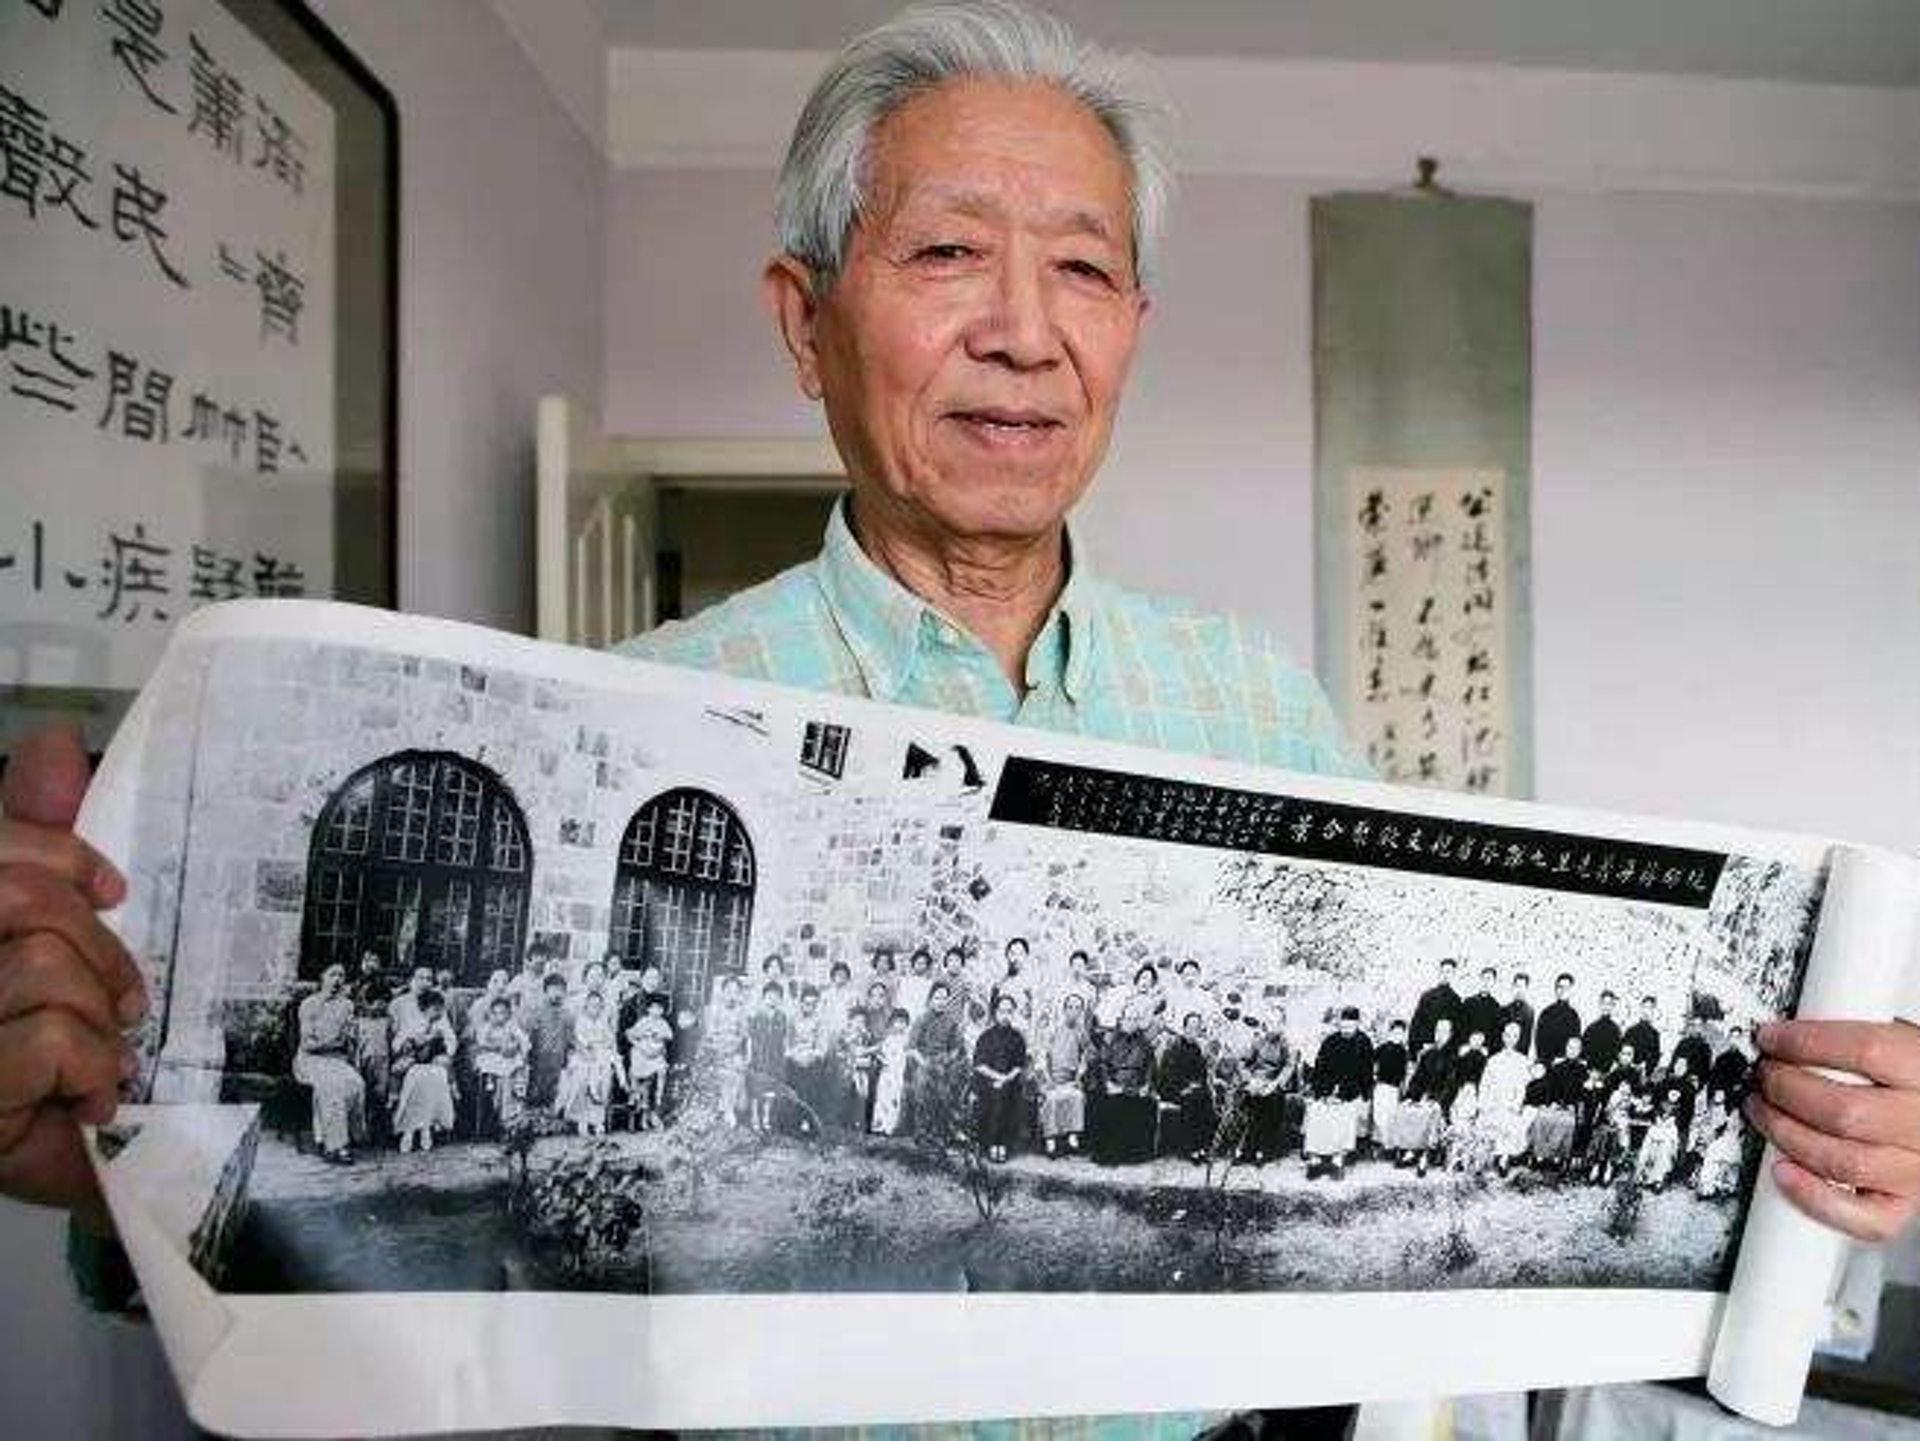 抗SARS英雄蒋彦永医师在展示他家五代同堂共76人的珍贵合影。(Sohu)